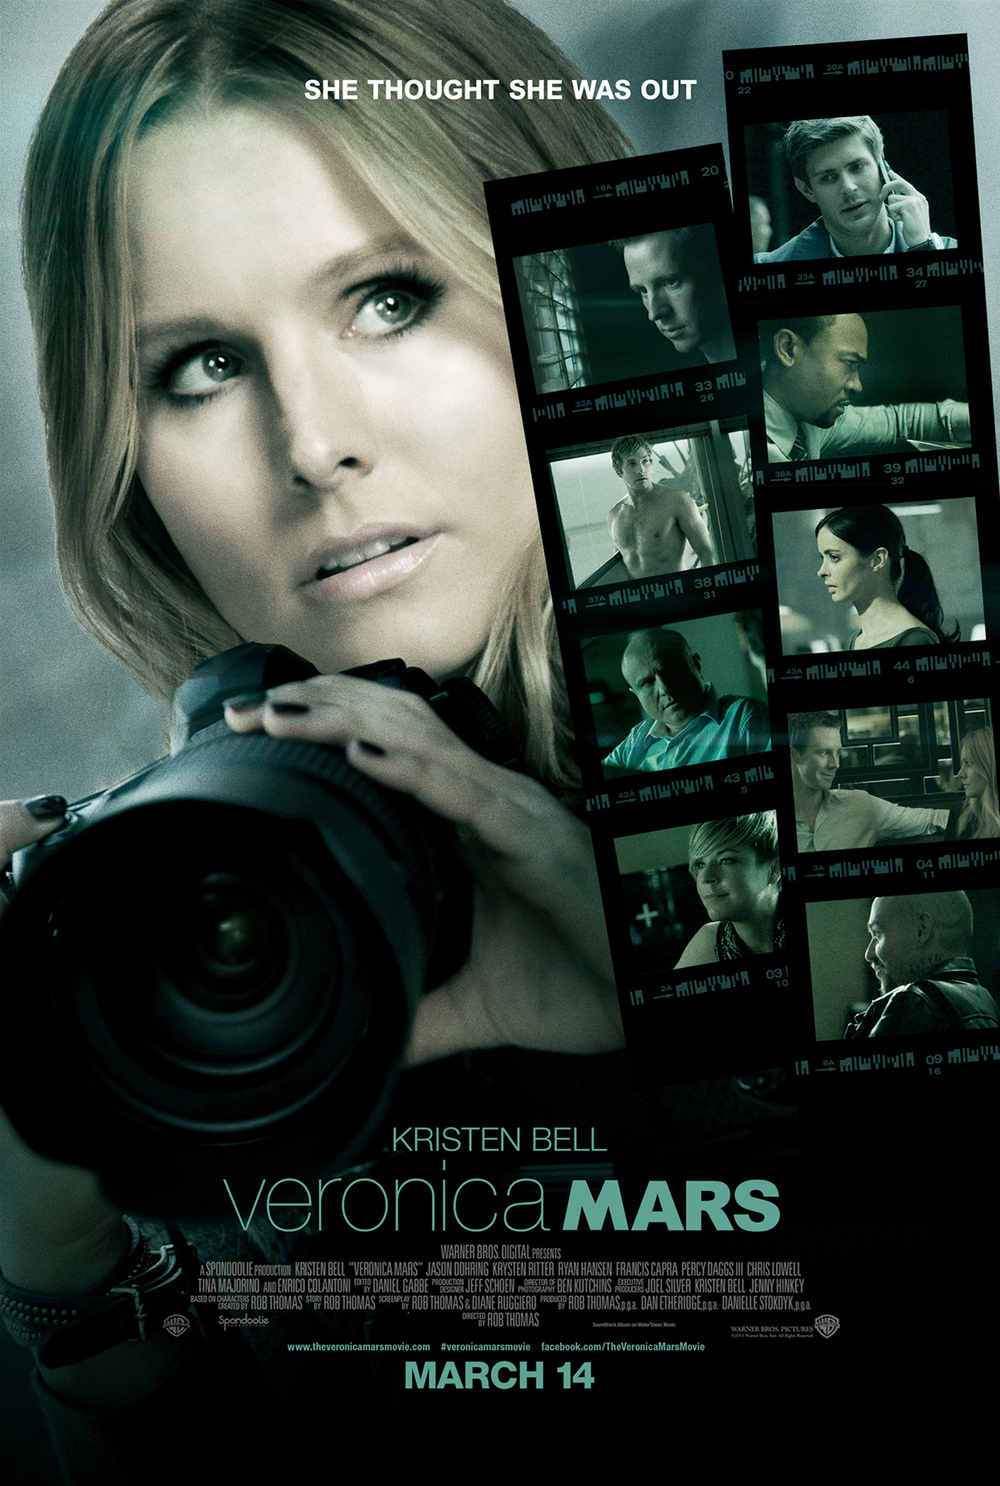 Póster de Veronica Mars, la película